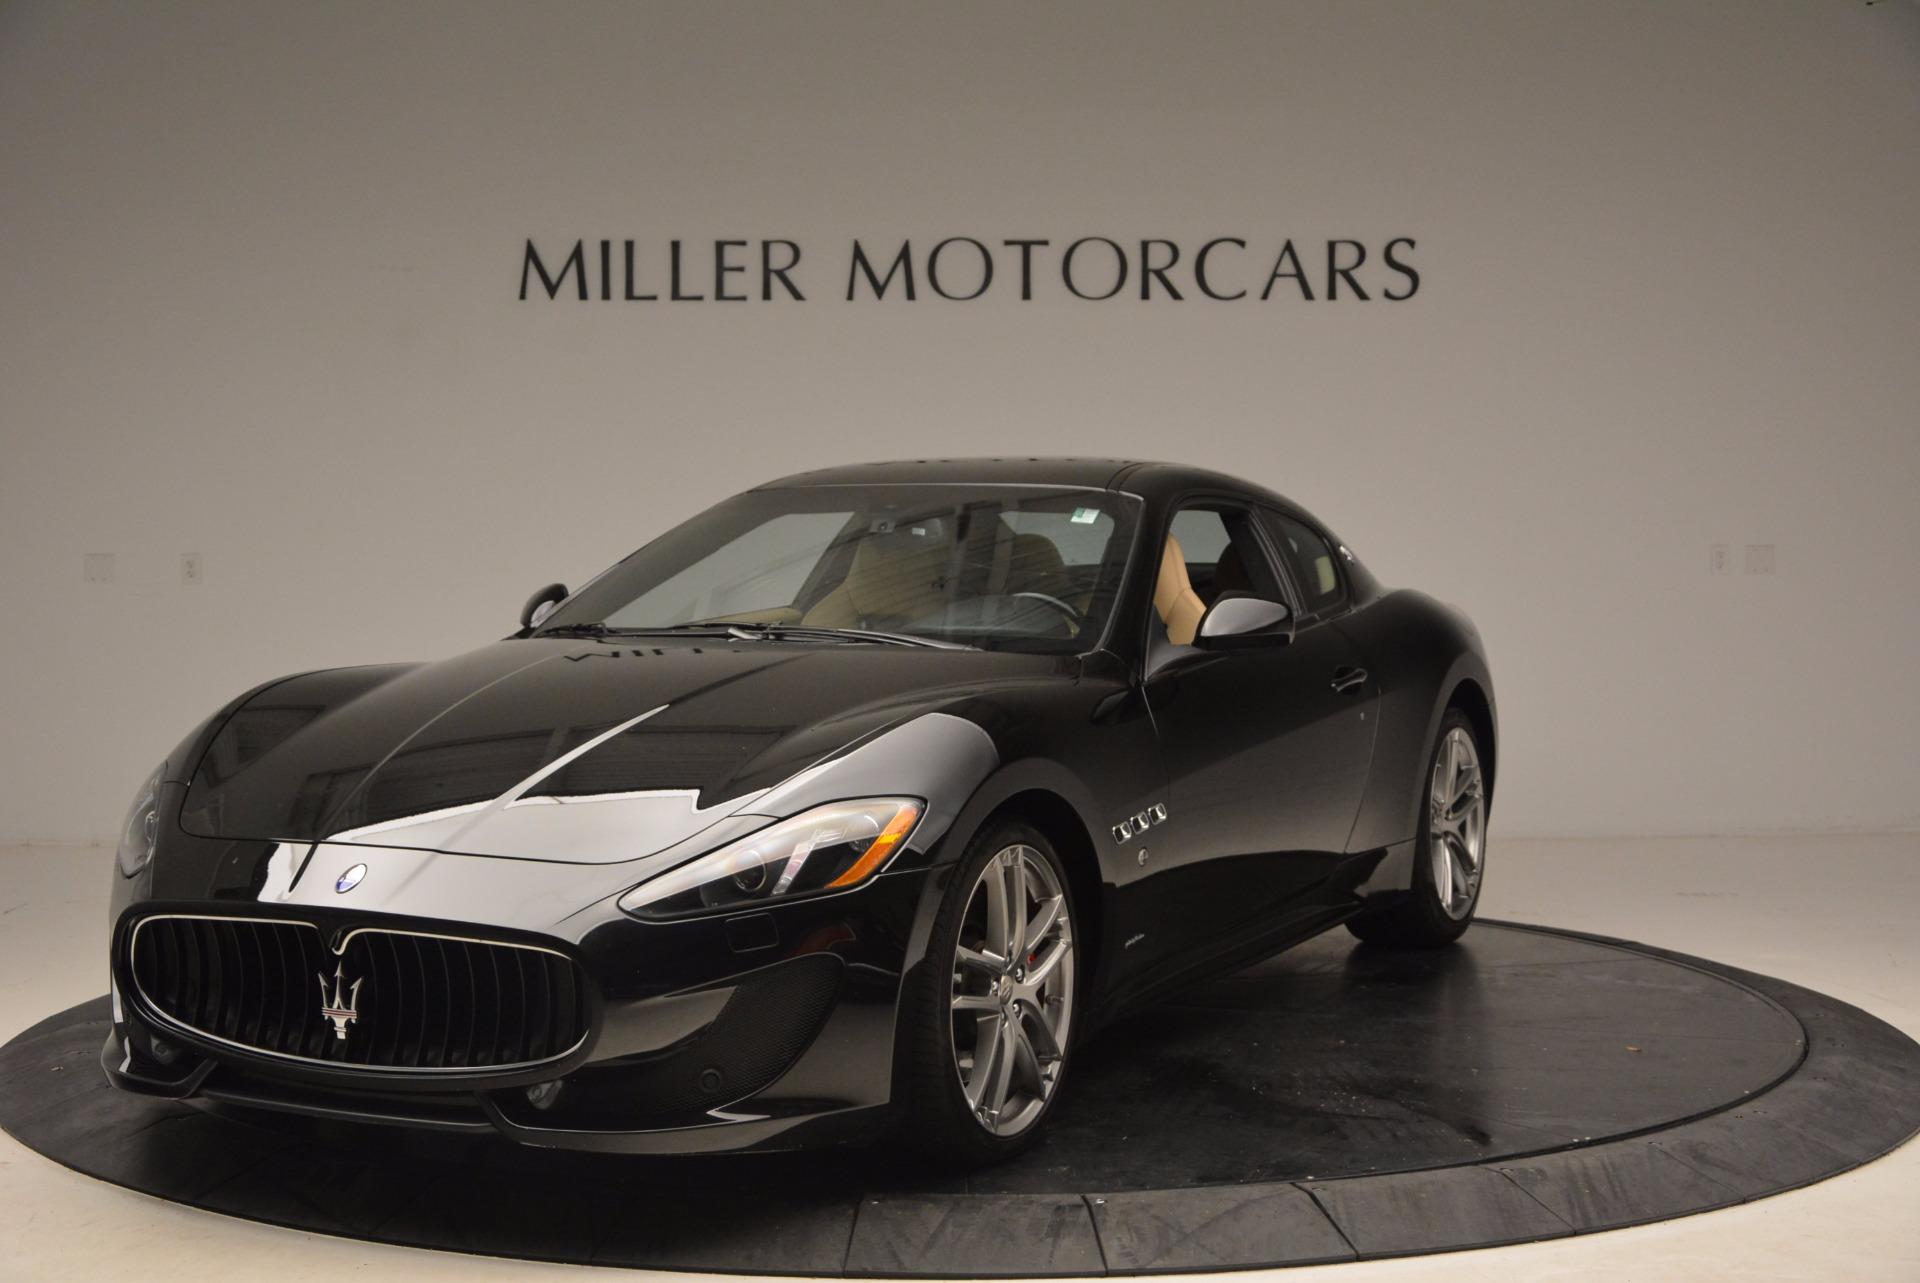 Used 2015 Maserati GranTurismo Sport Coupe for sale Sold at Alfa Romeo of Greenwich in Greenwich CT 06830 1